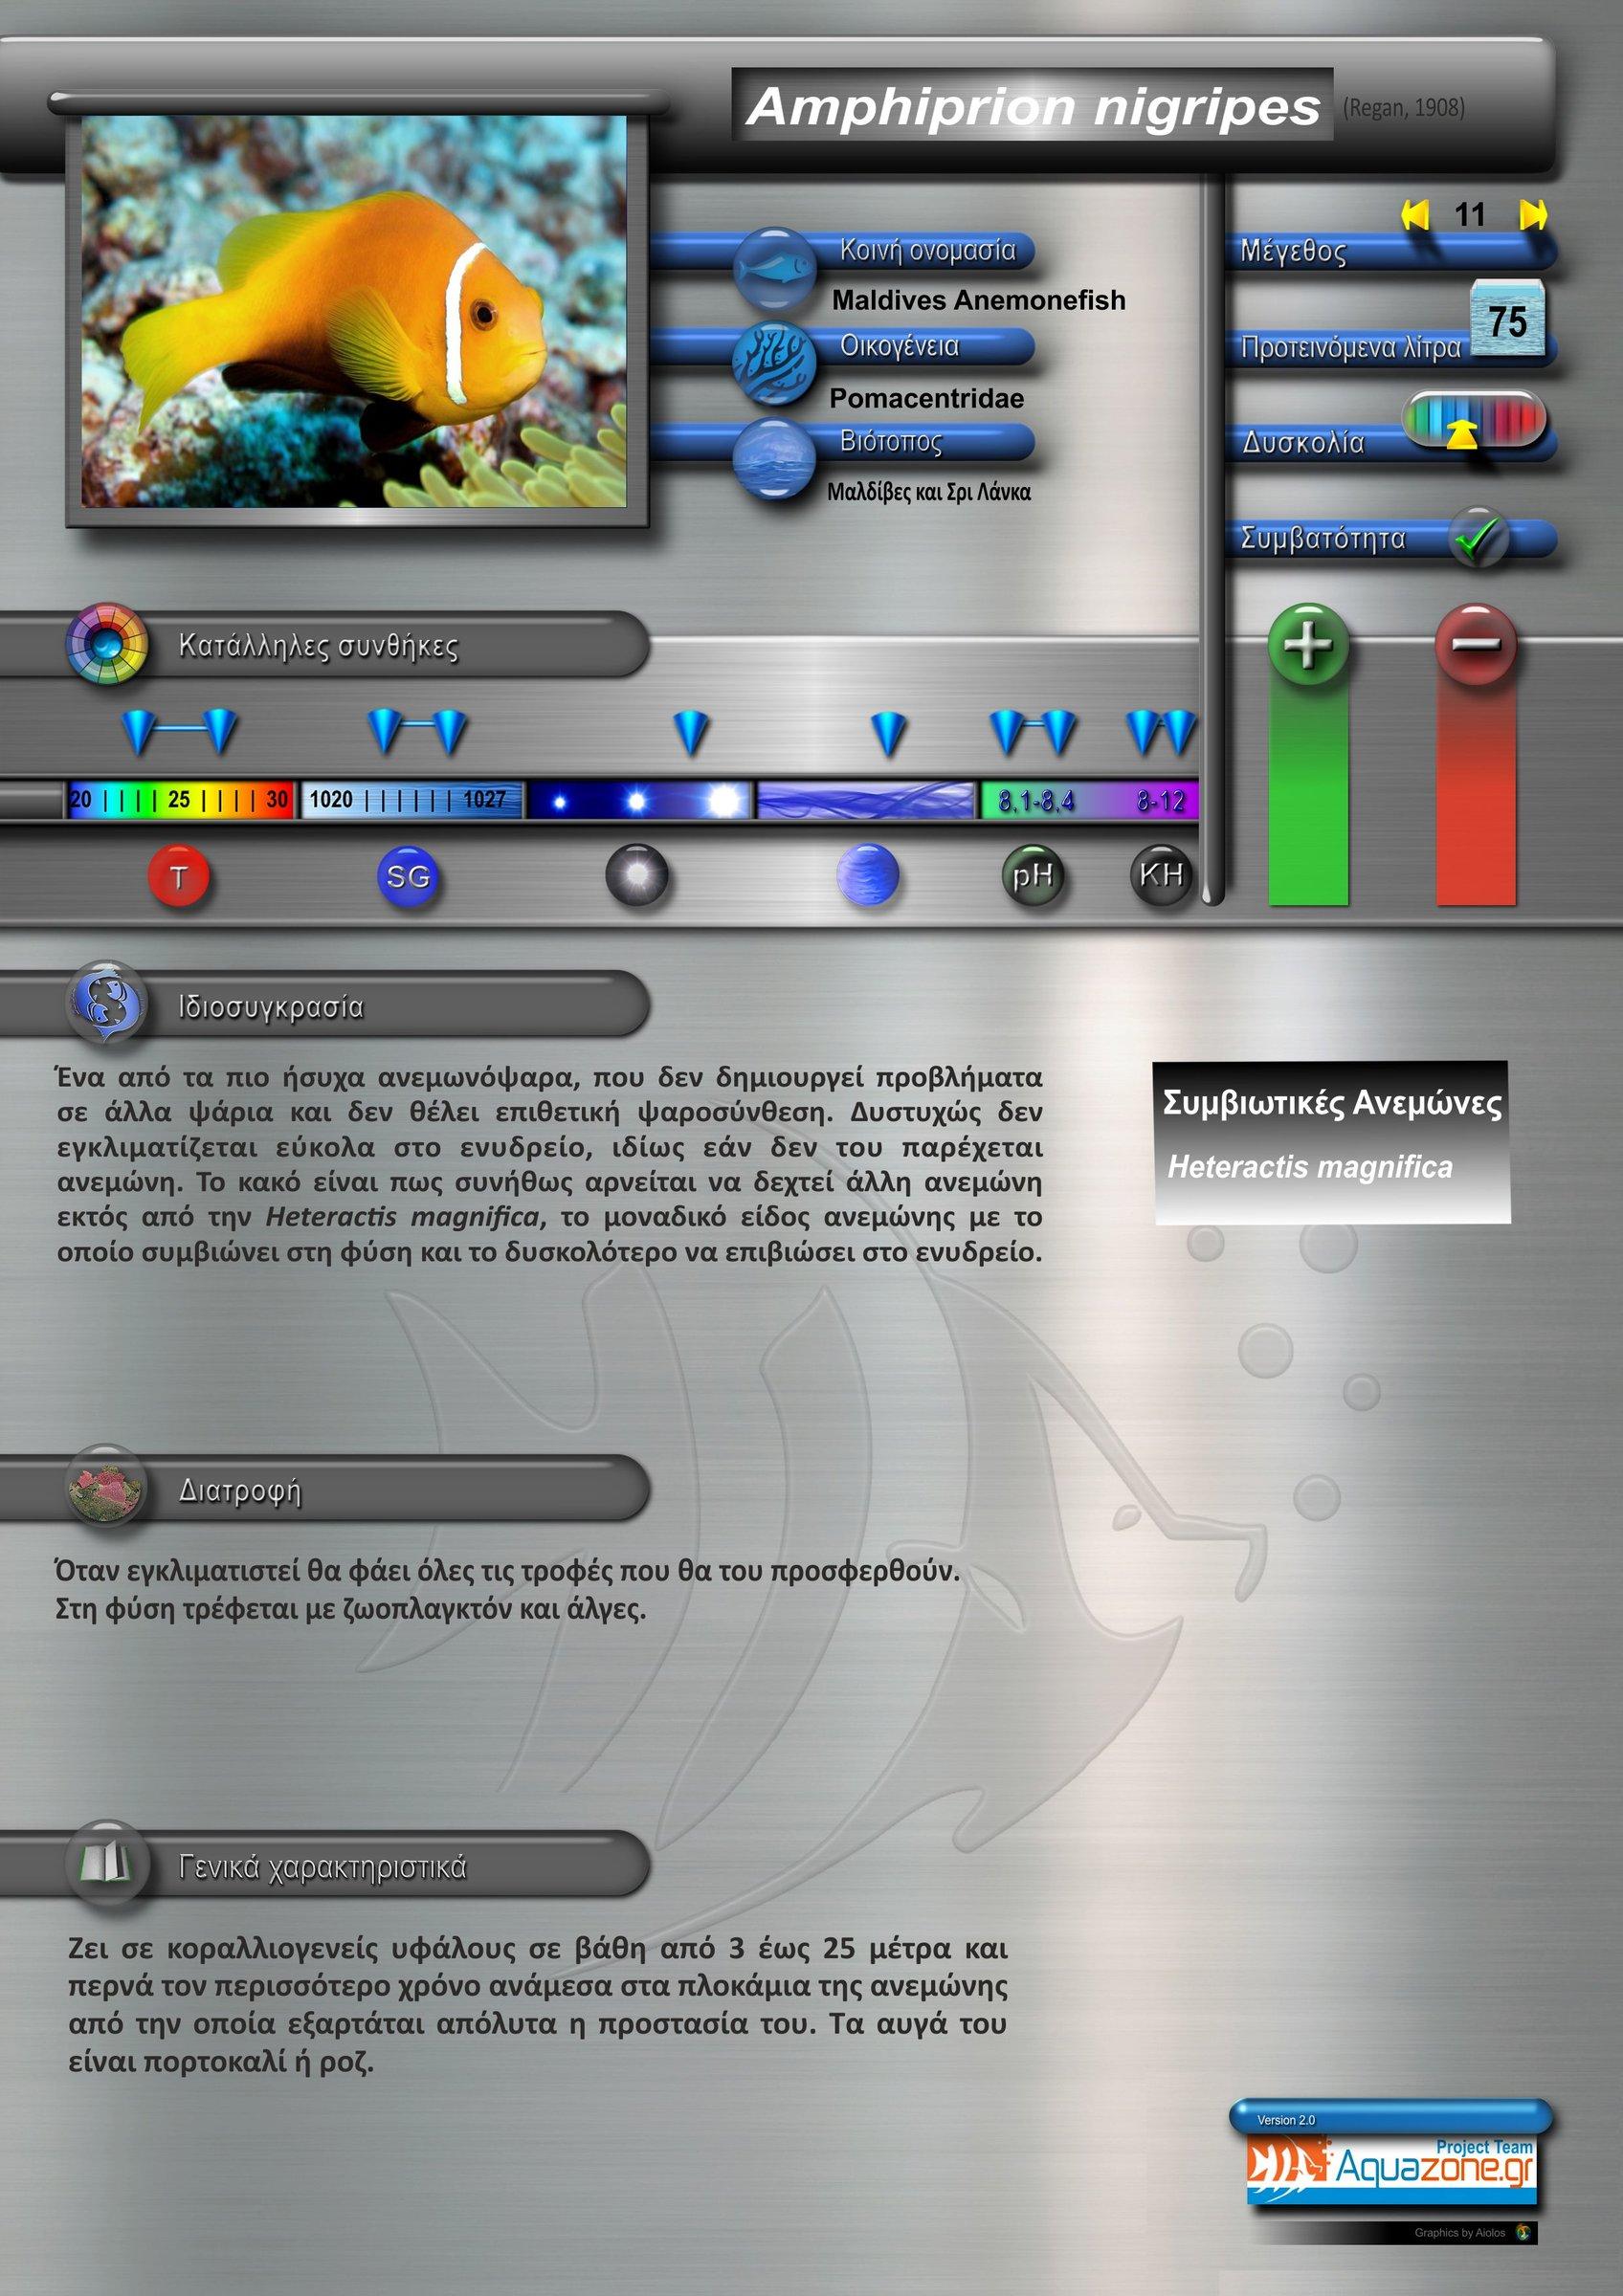 Amphiprion nigripes.jpg